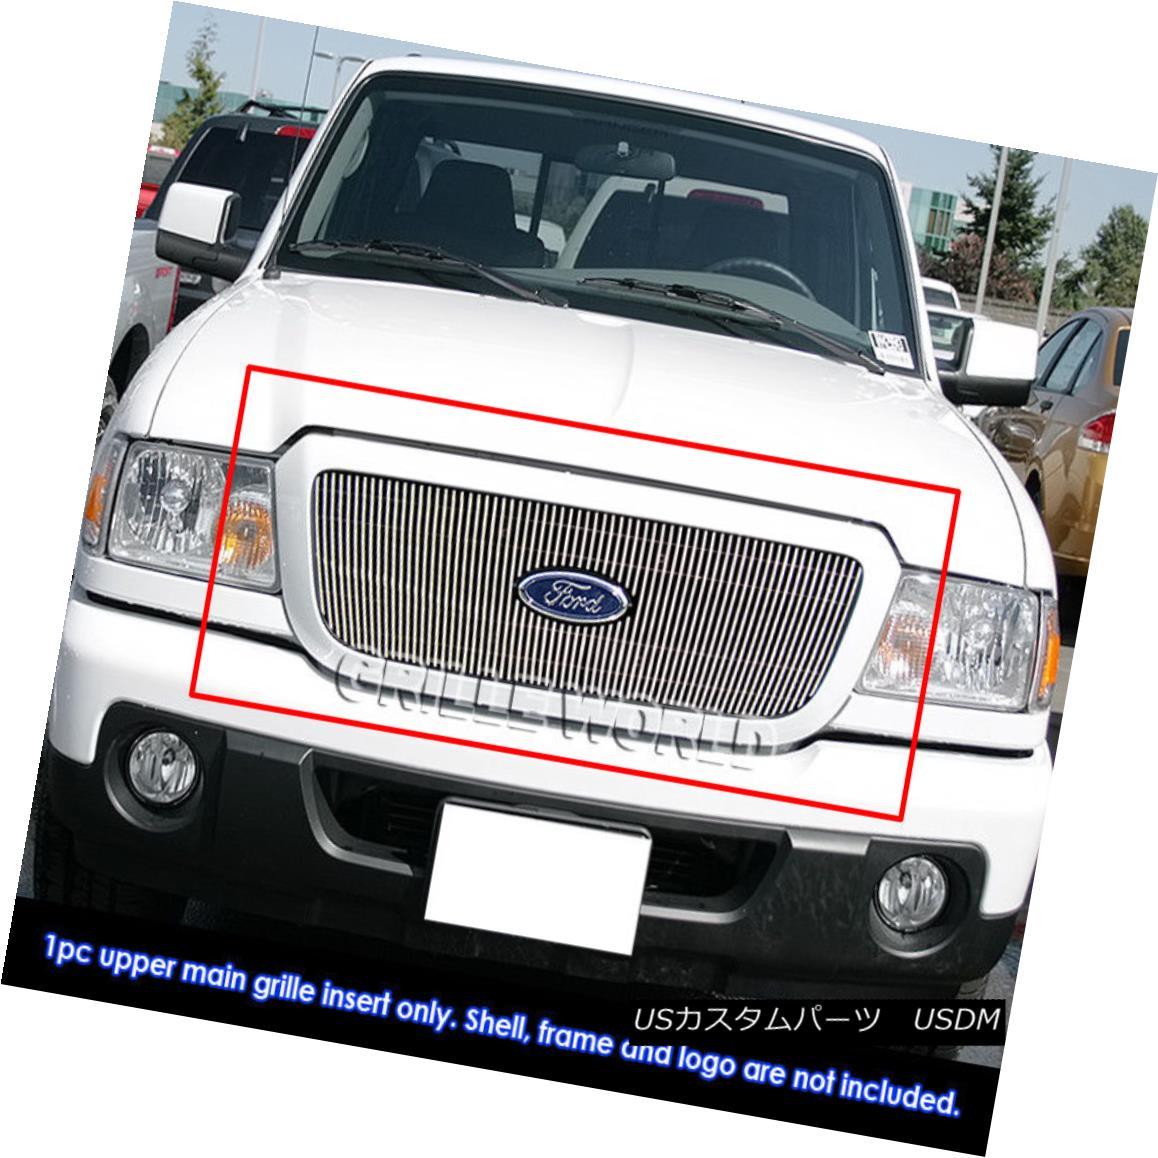 グリル For 2006-2012 Ford Ranger STX/Ranger Sport Vertical Billet Grille Grill Insert 2006?2012年フォードレンジャーSTX /レンジャースポーツ垂直ビレットグリルグリルインサート